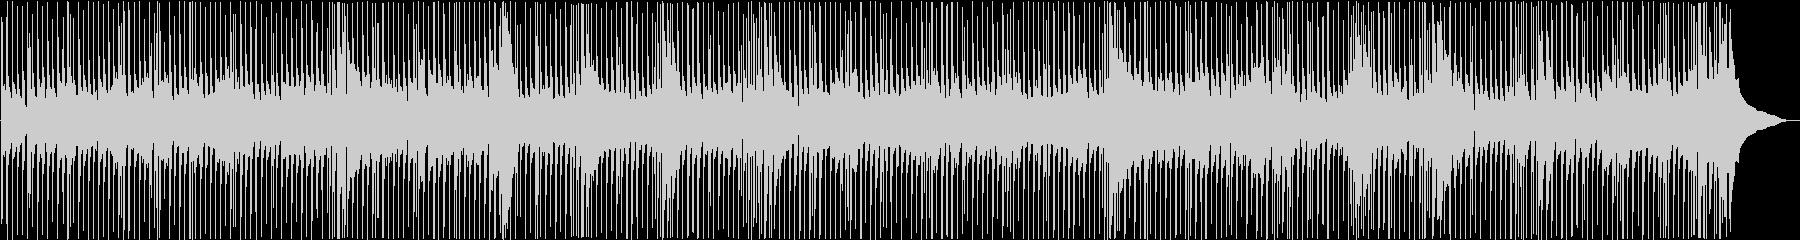 【ベースとドラムだけ】疾走感ポップロックの未再生の波形